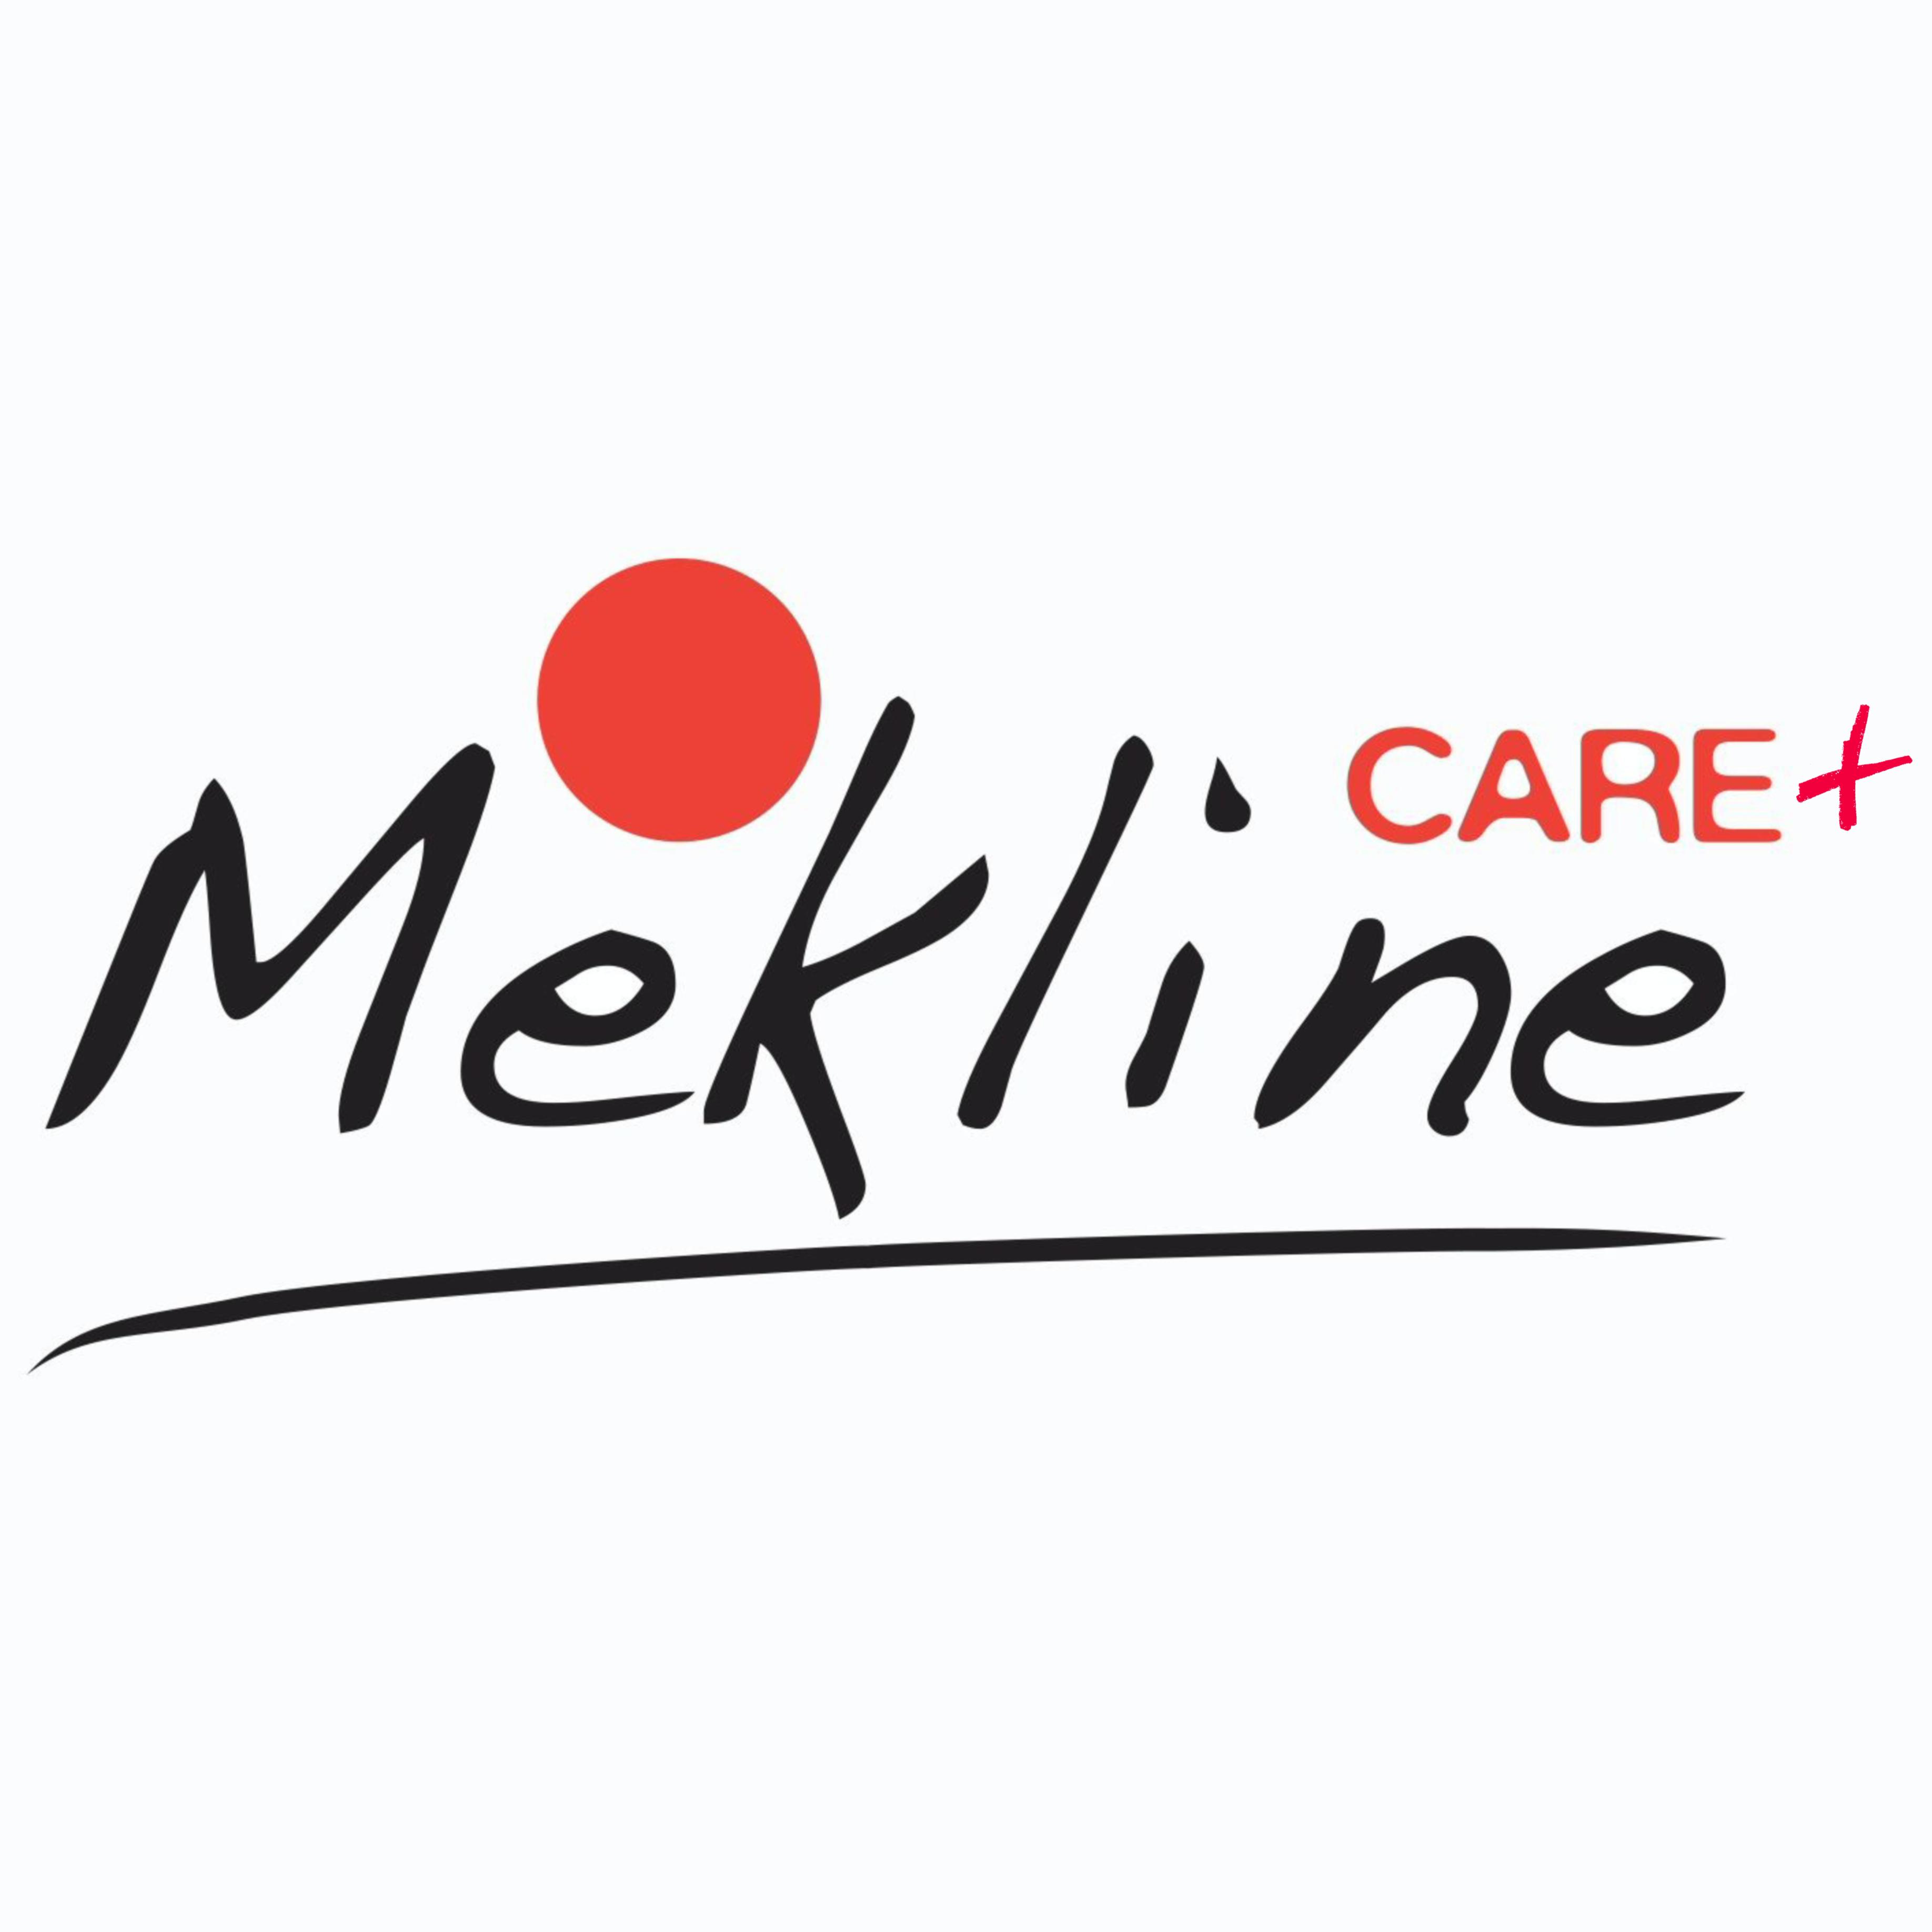 MEKLINE CARE +